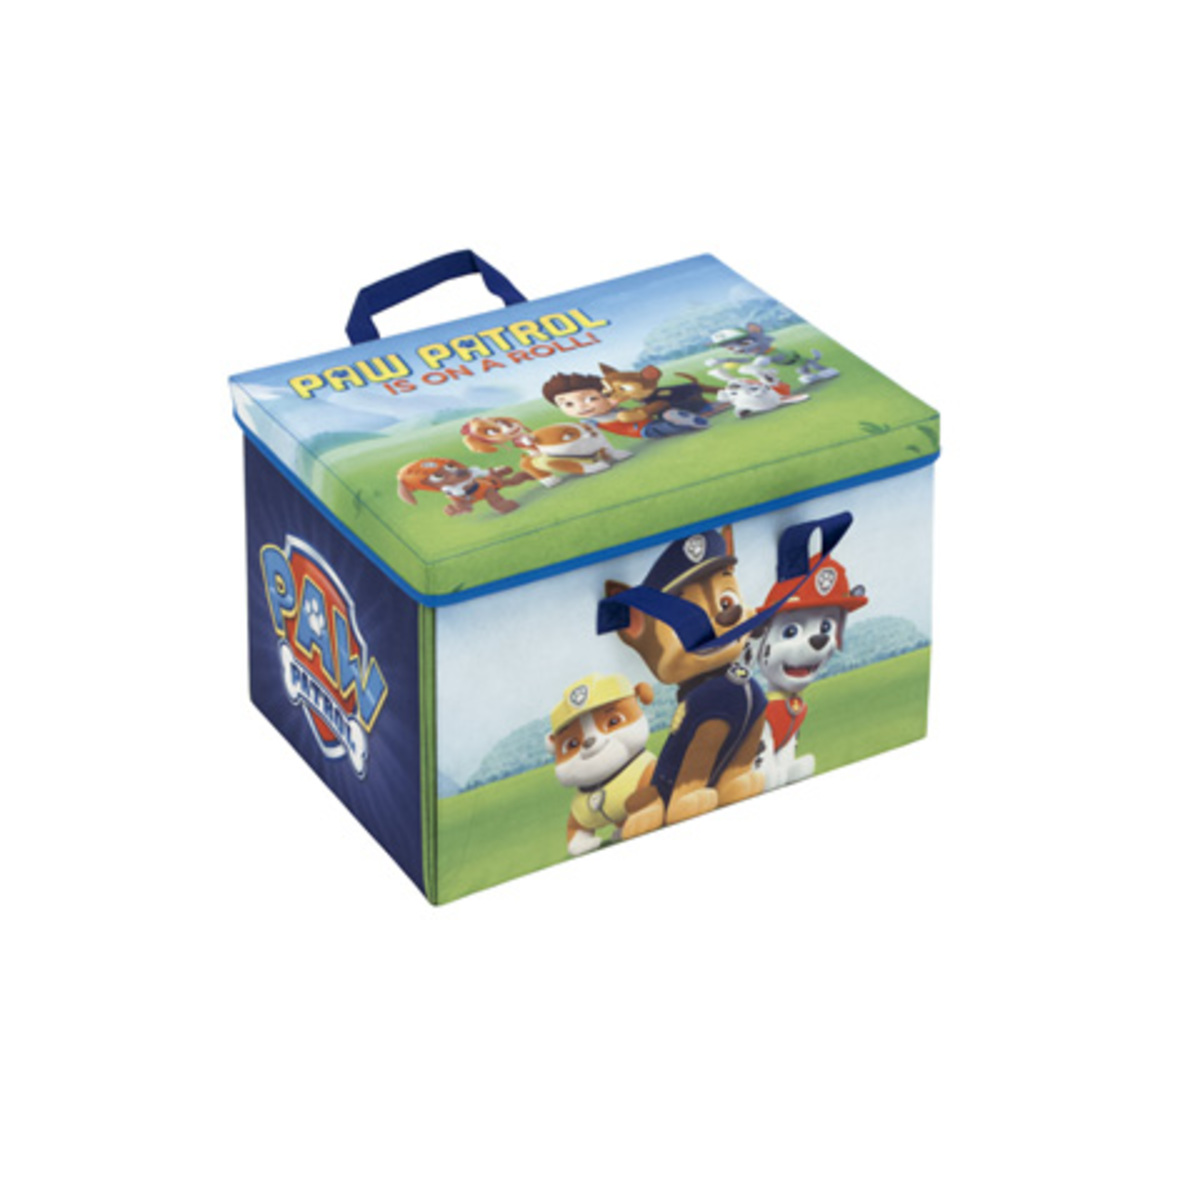 Stofftruhe für Spielzeuge PAW PATROL banaby.at